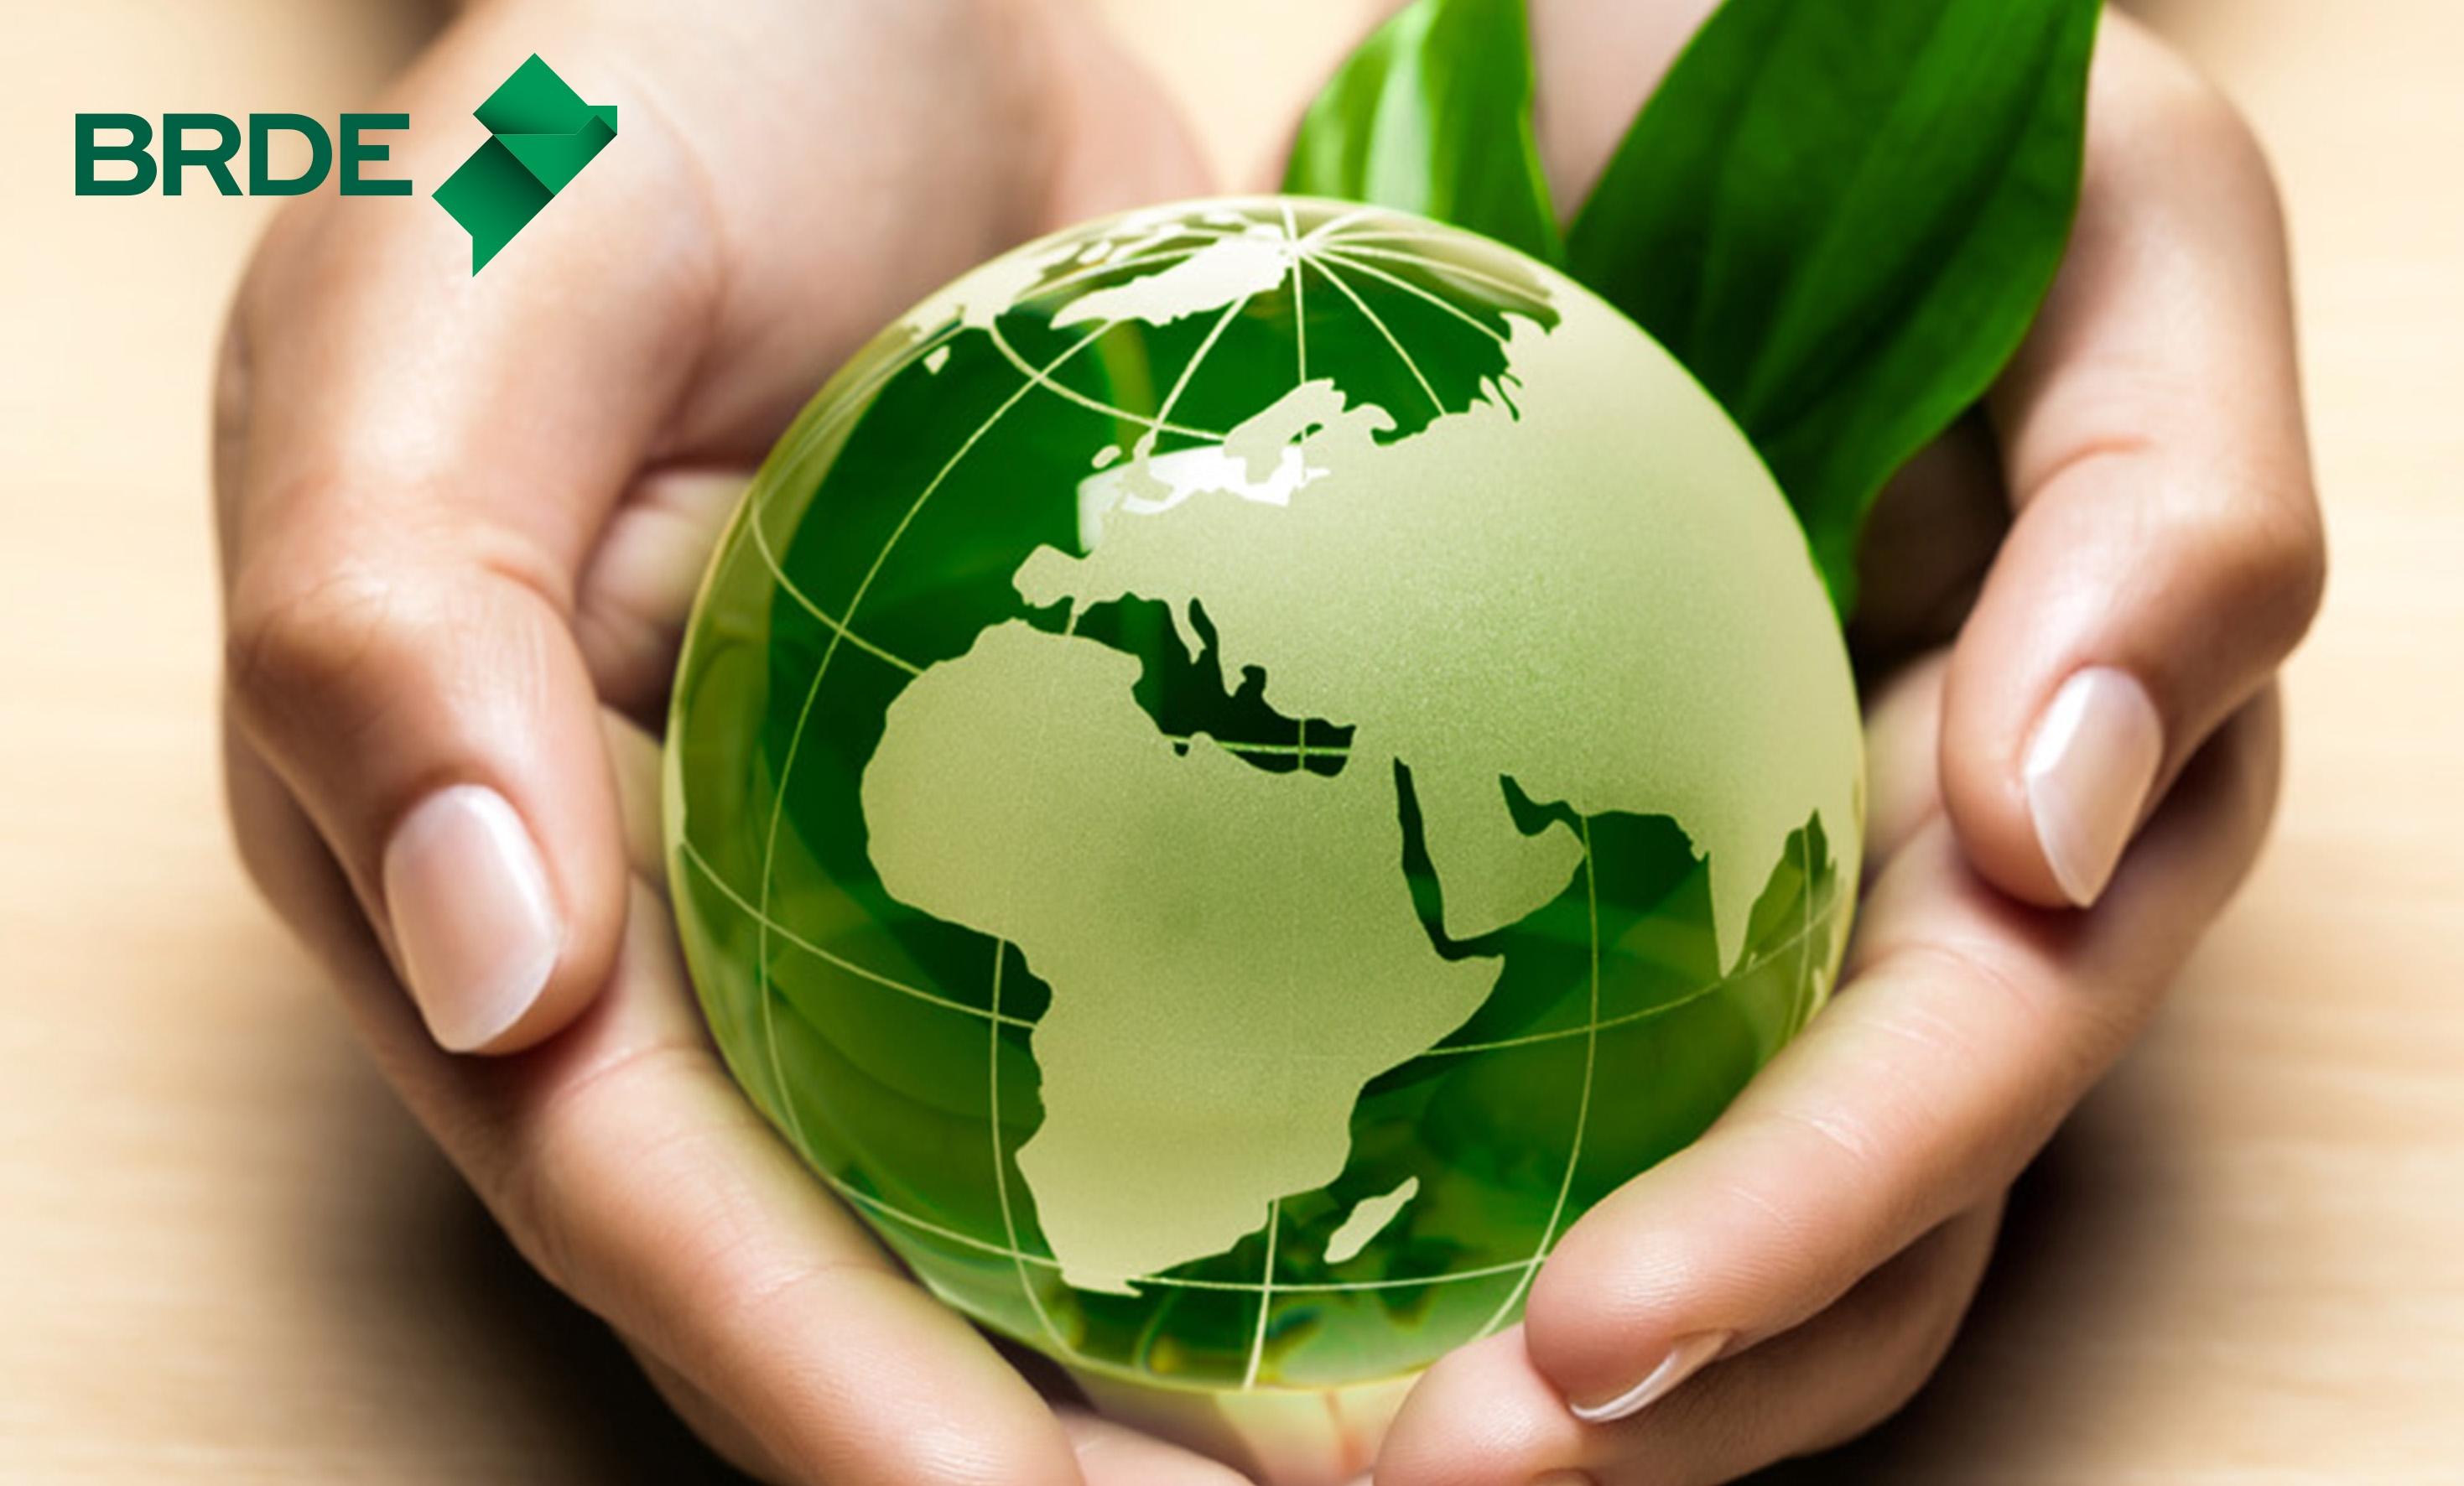 Ações de sustentabilidade do BRDE são ampliadas, em sintonia com Agência Pública - Foto/Divulgação BRDE